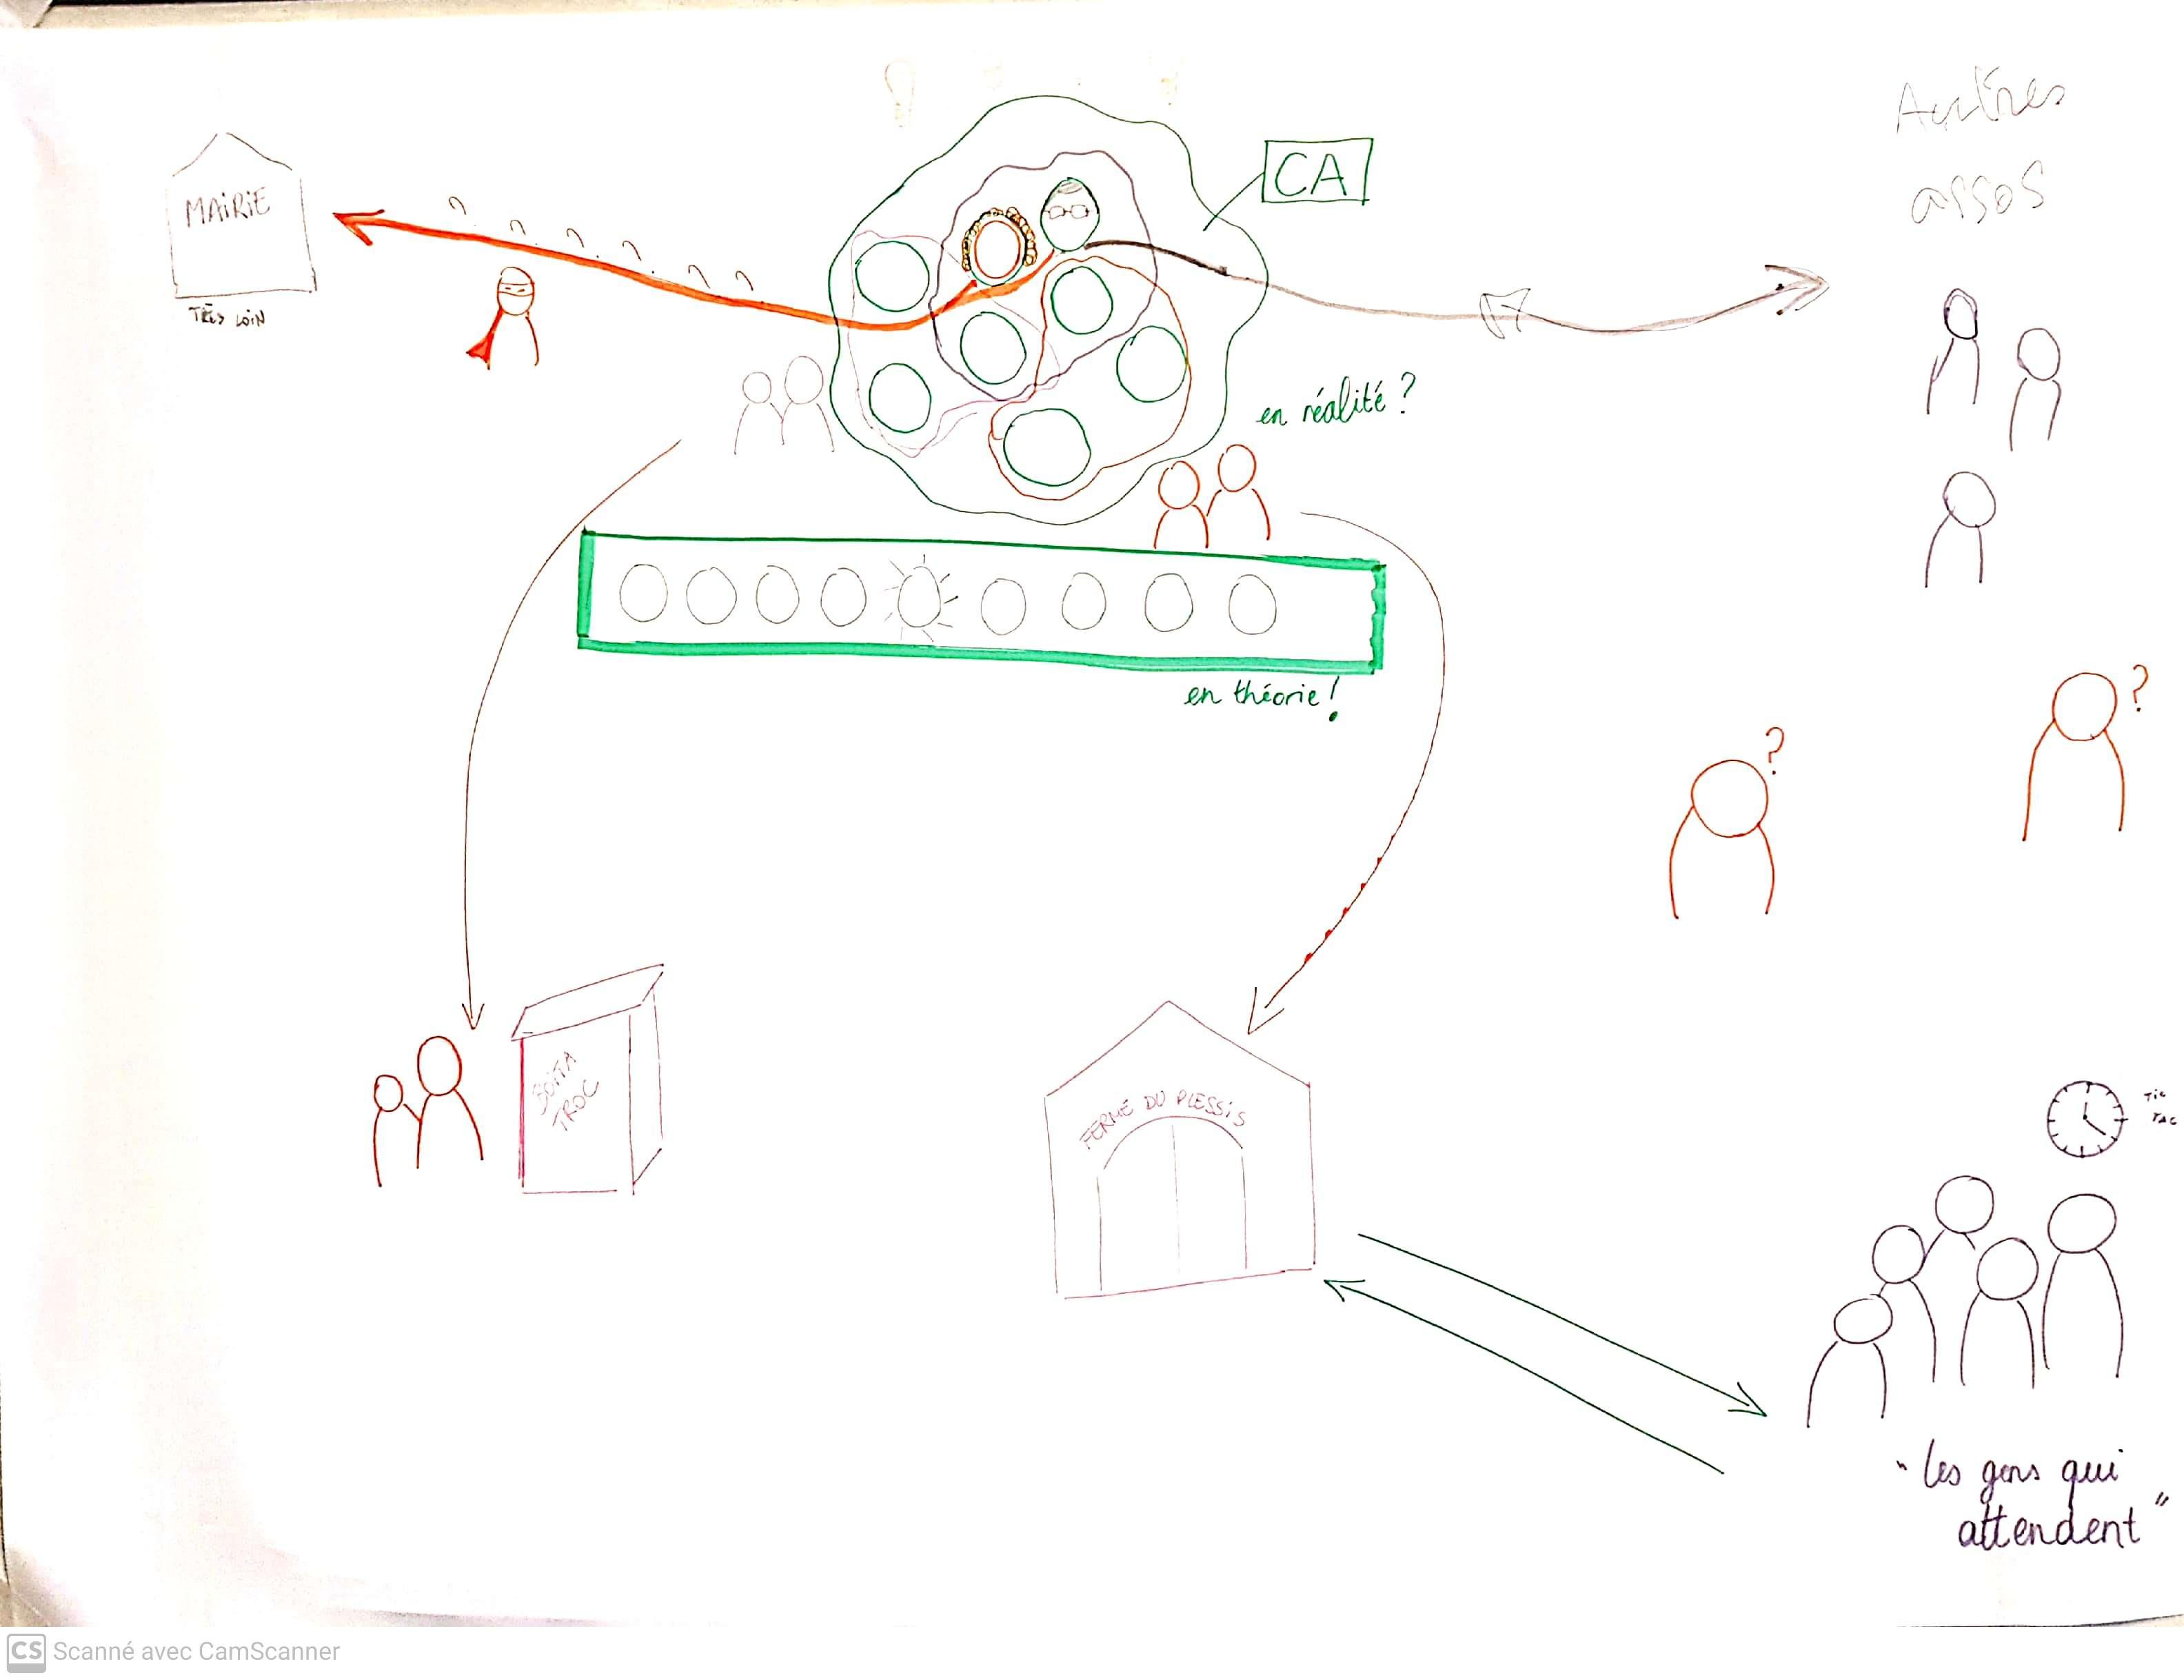 image Transistore_20_fvrier_21_2.jpg (0.2MB)